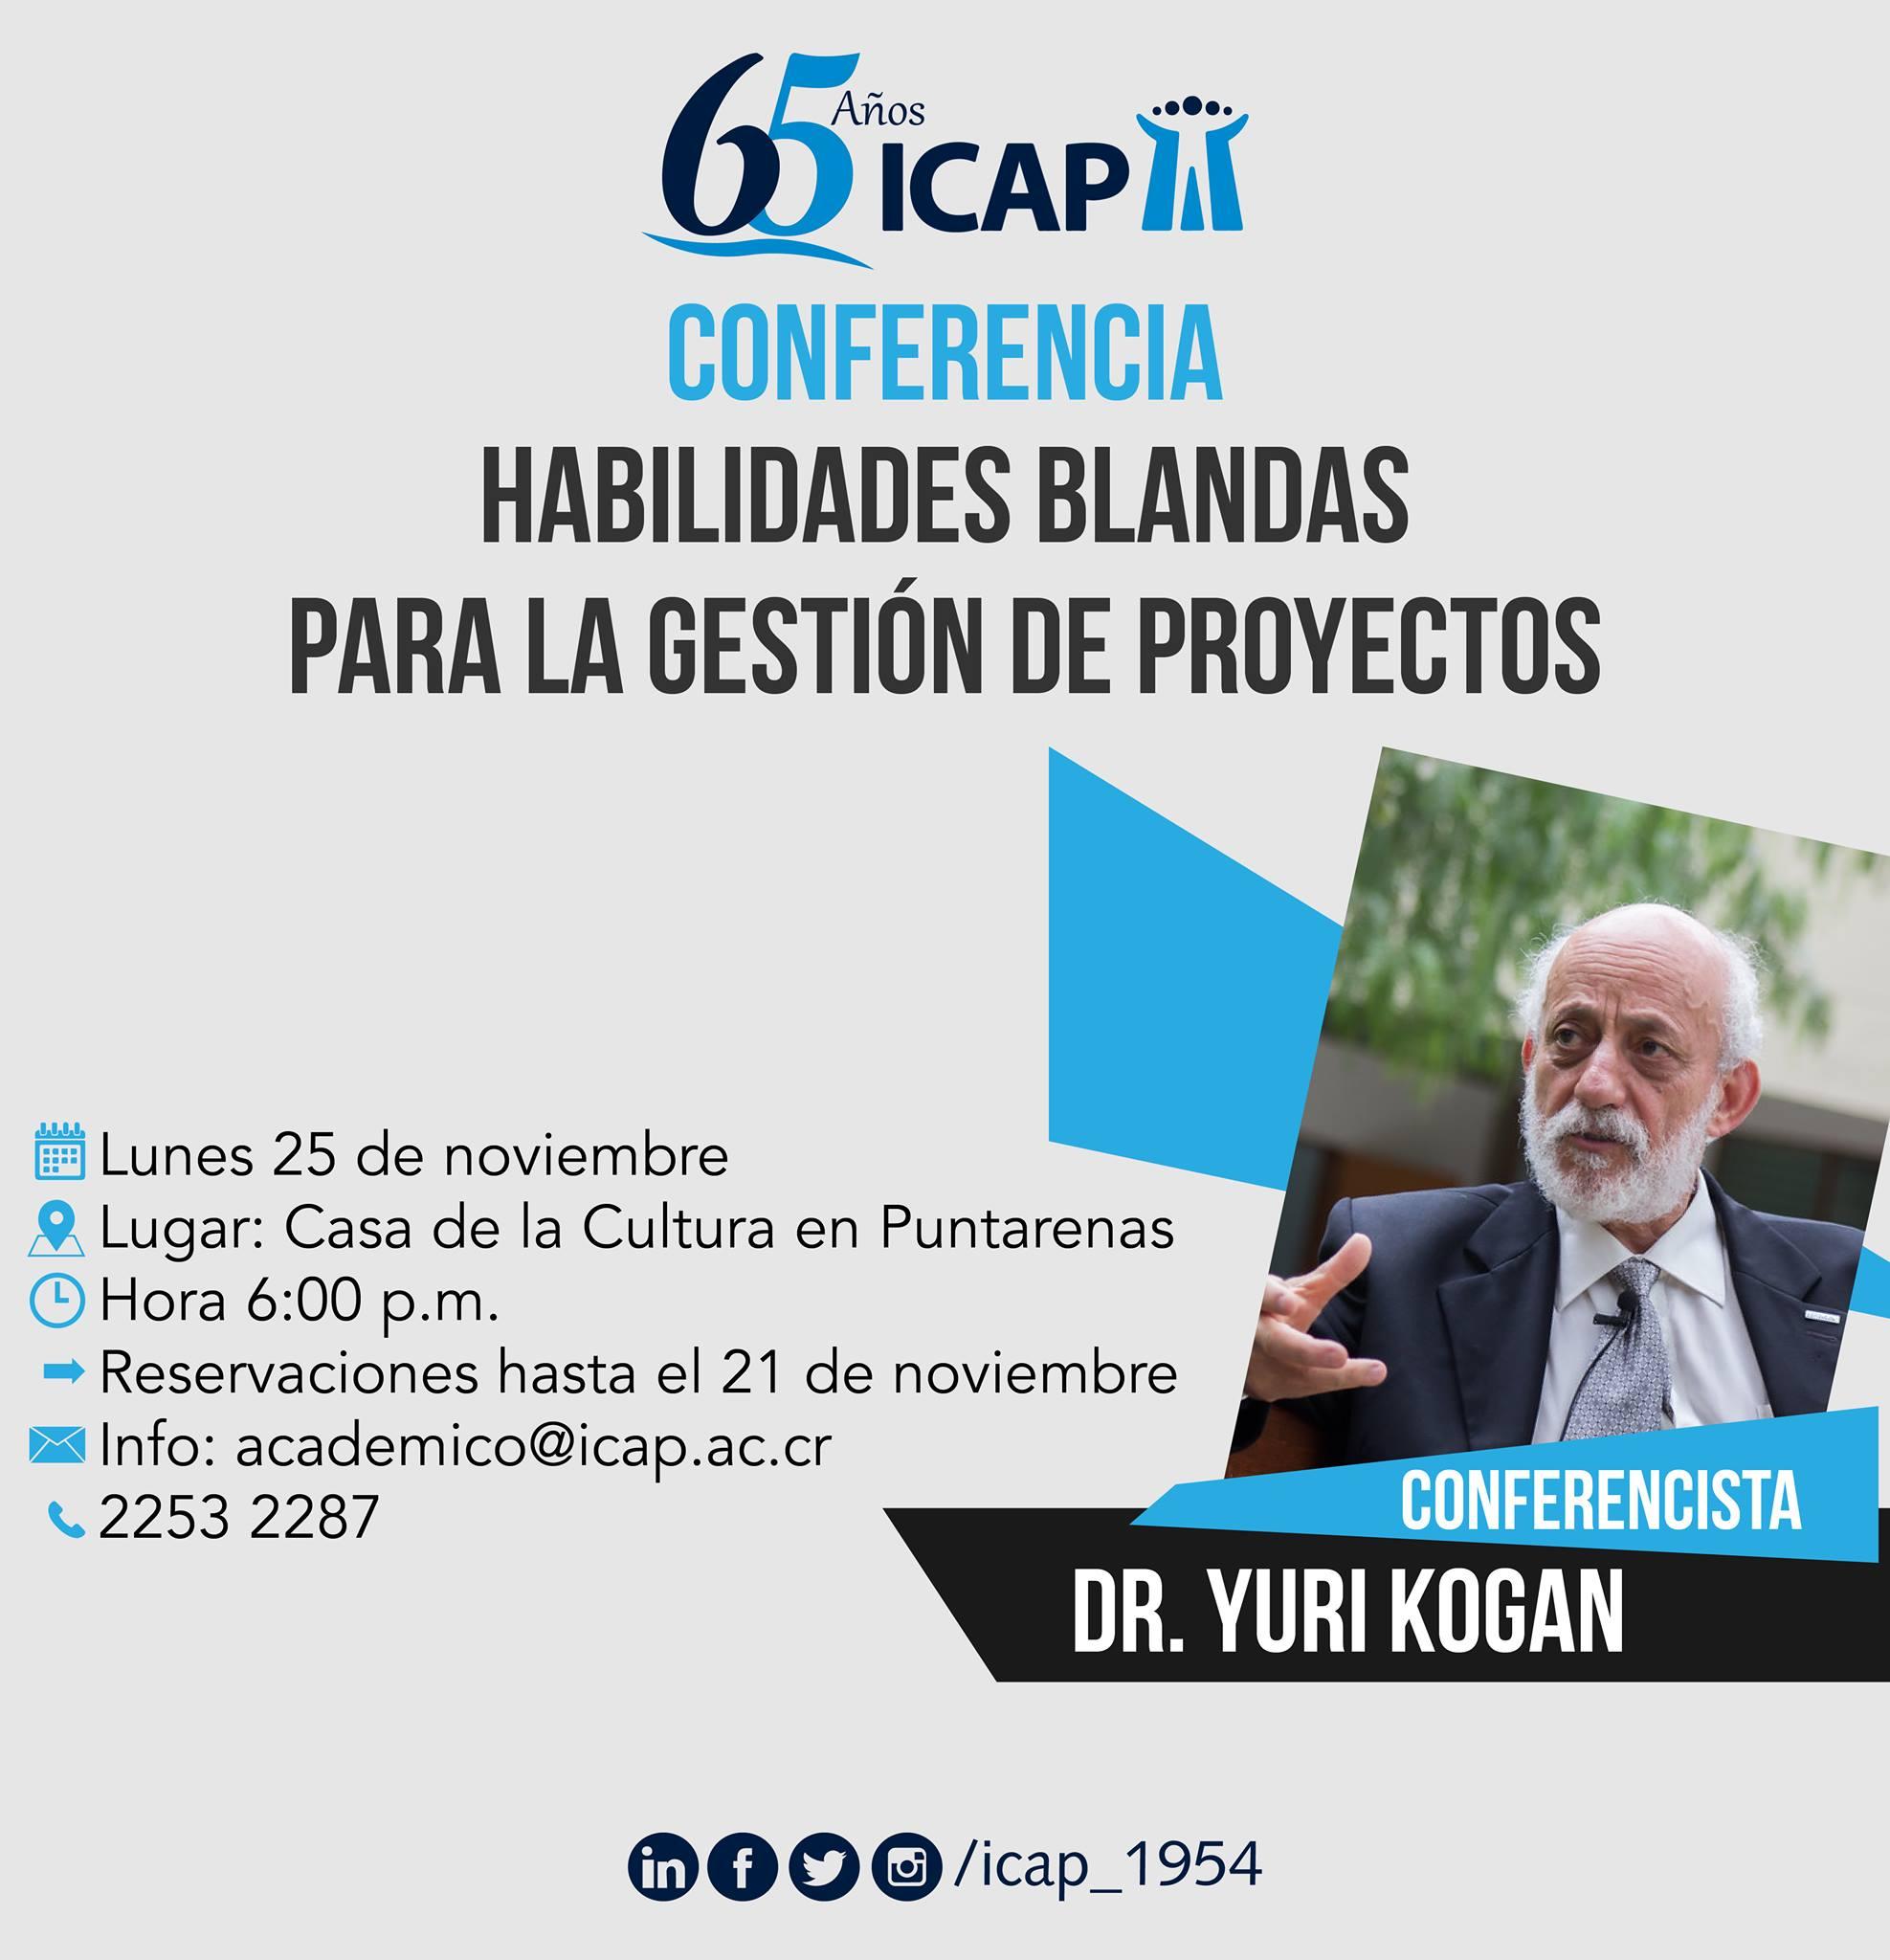 Se ofreció conferencia Habilidades Blandas para la Gestión de Proyectos en Puntarenas